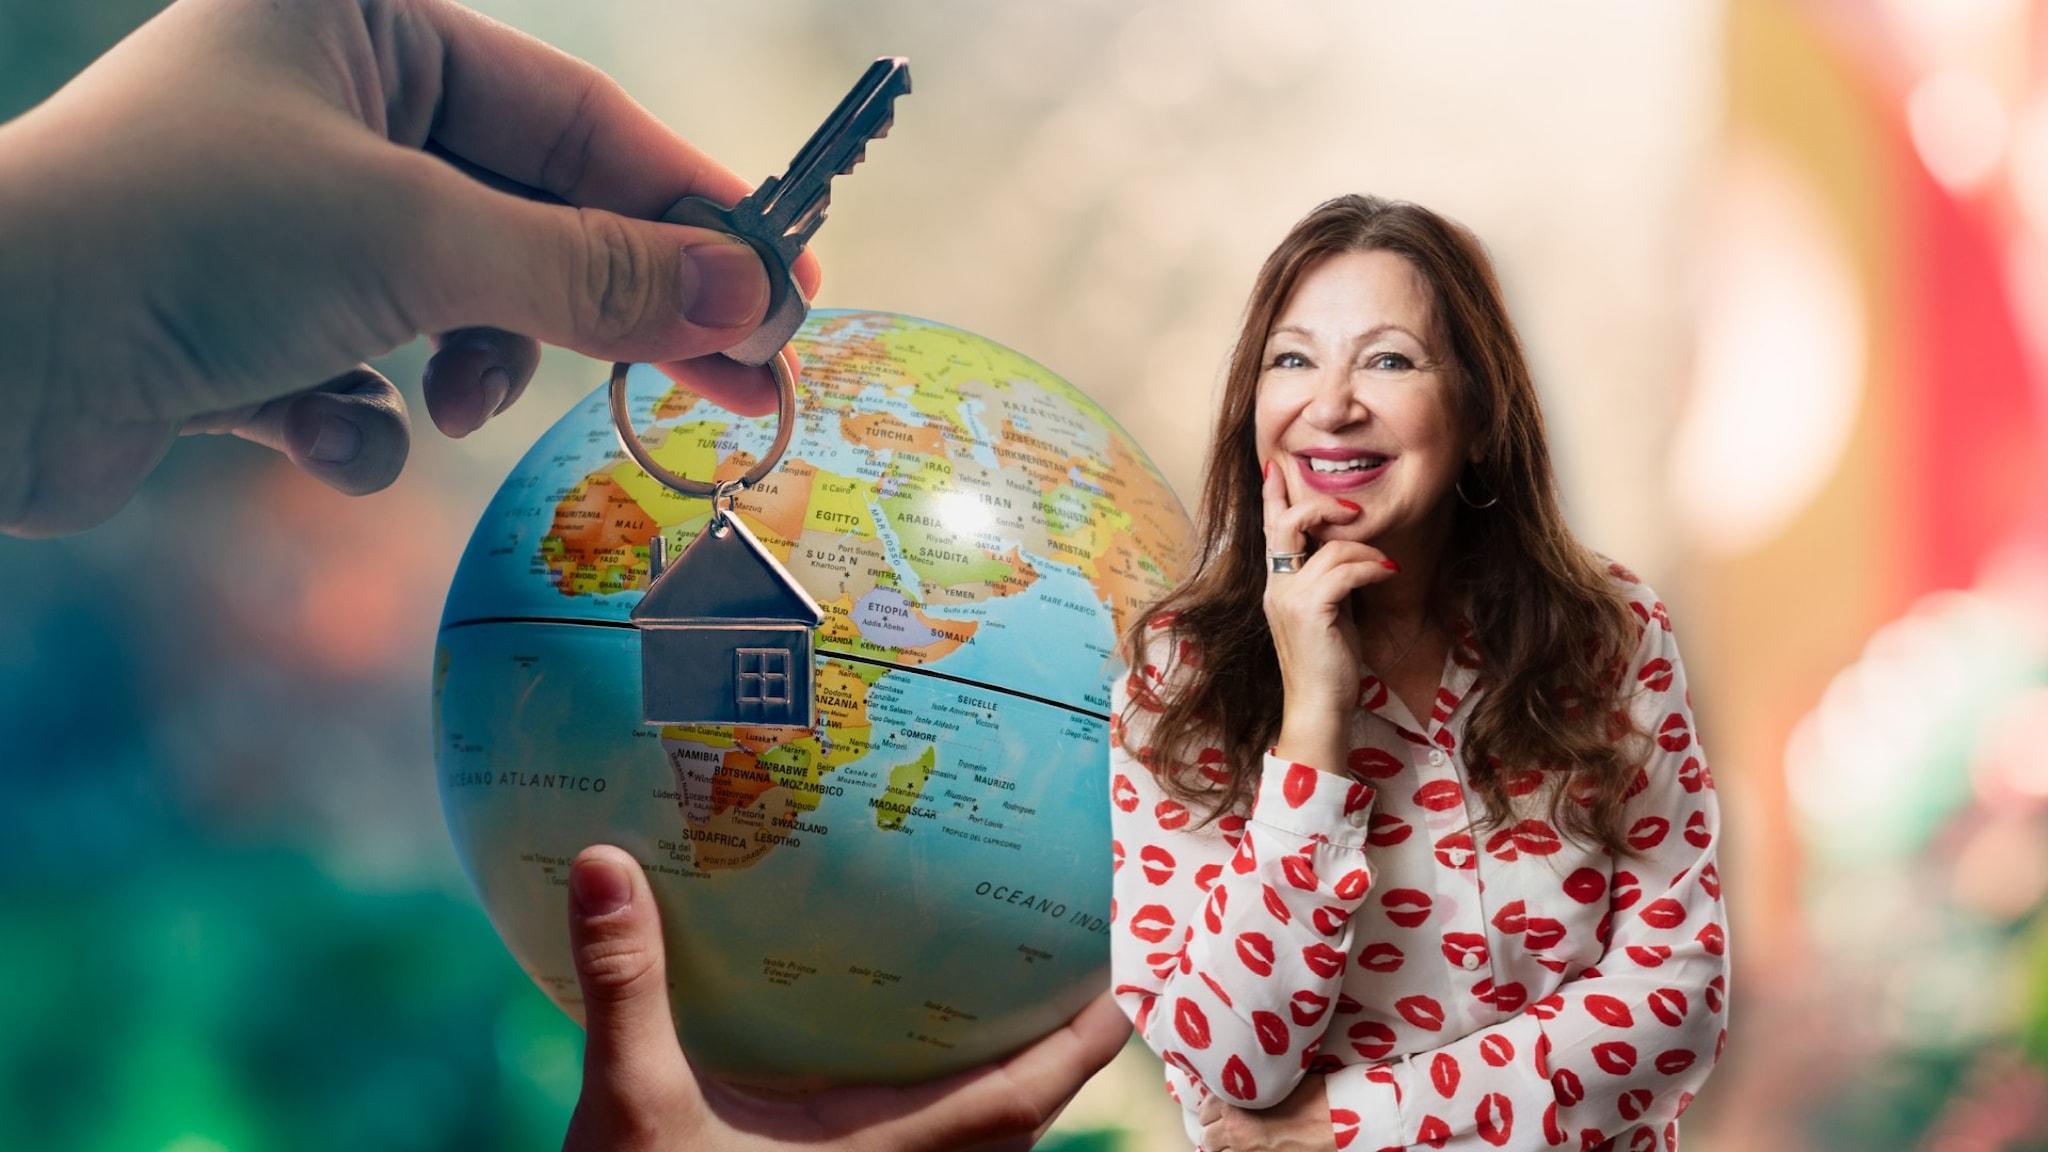 Programledaren Soili står bredvid en jordglob som vilar på en hand. En annan hand håller upp en nyckelknippa med ett litet hus på.